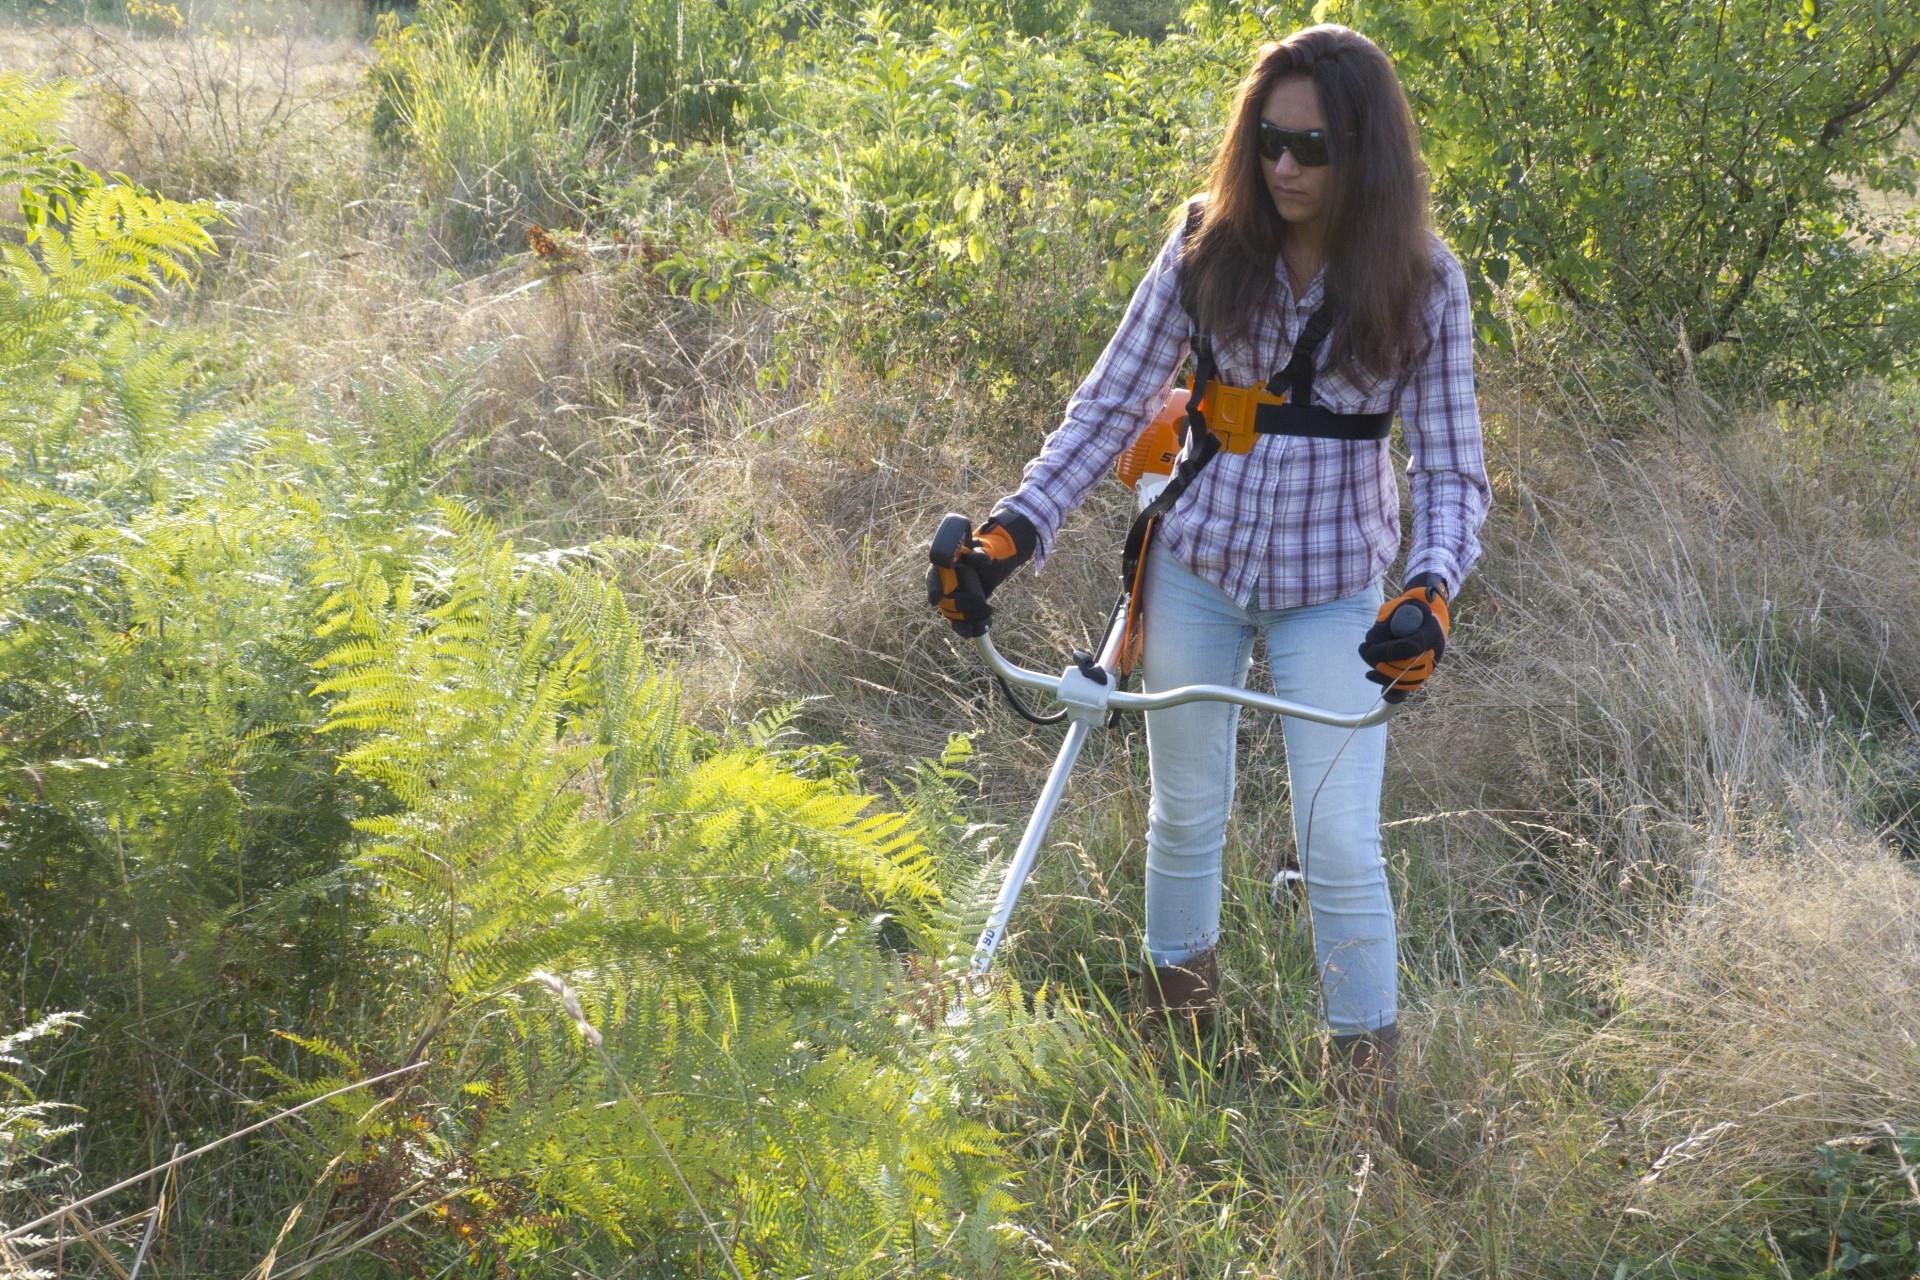 Choisir Sa Débroussailleuse Pour Nettoyer Le Jardin Avec ... à Faucheuse Jardin